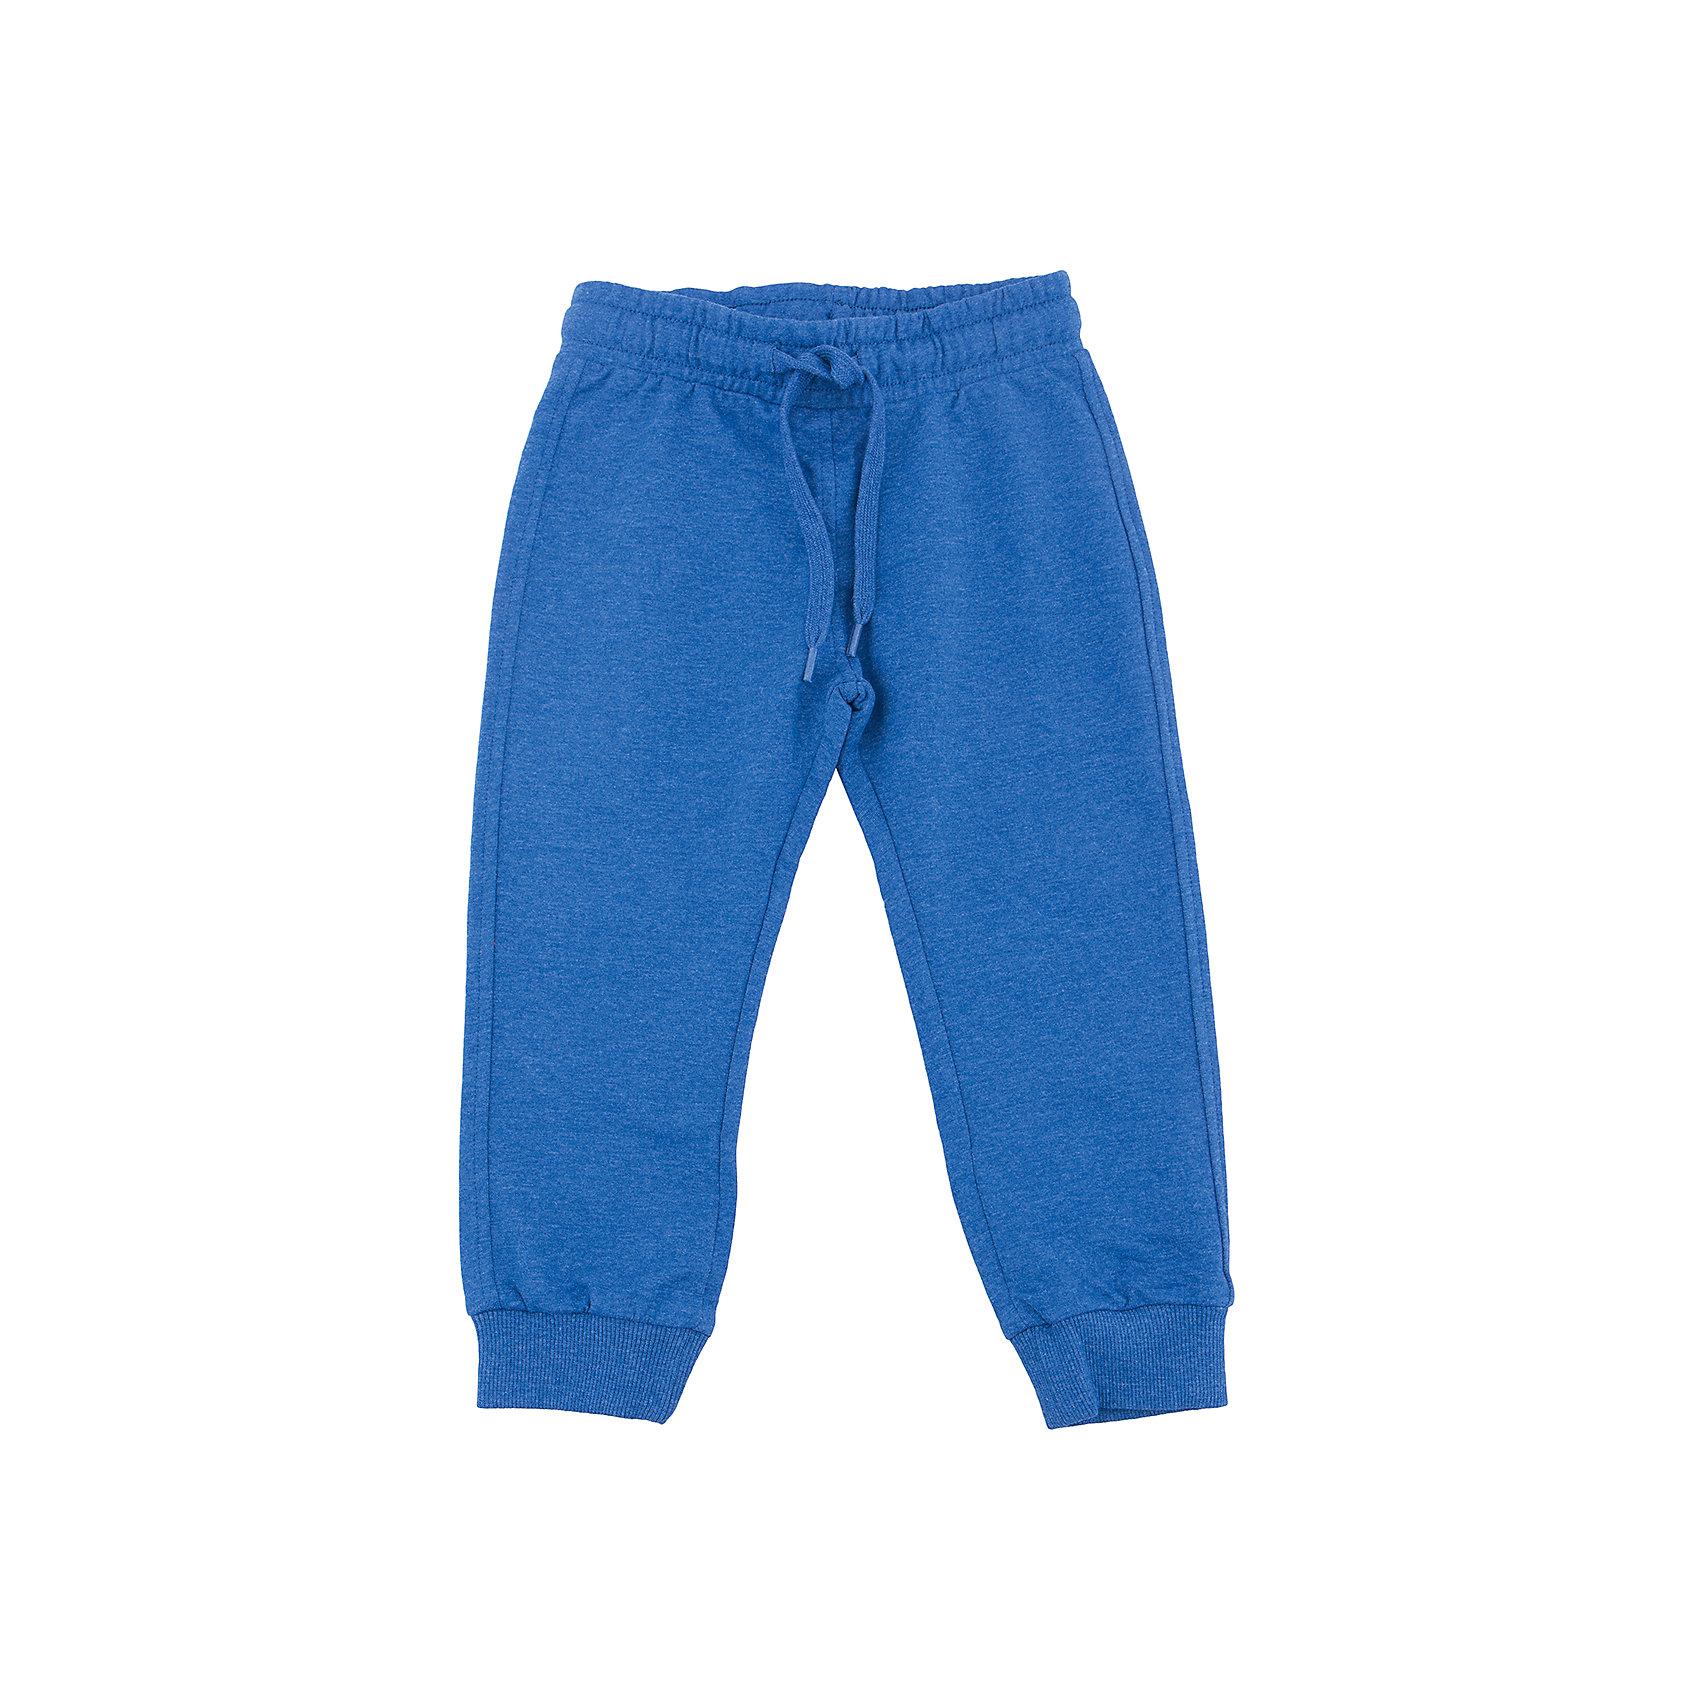 Брюки для мальчика SELAБрюки для мальчика SELA (Села)<br><br>Характеристики:<br><br>• длина: полная с манжетами<br>• прямой, зауженный к низу силуэт<br>• состав: 60% хлопок, 40% полиэстер<br>• коллекция: весна 2017<br>• темно-синий меланж<br><br>Брюки для мальчика от известного бренда Sela очень удобны для каждого мальчика. Они имеют прямой силуэт, который заужен к низу и дополнен манжетами. Широкая резинка и завязки на поясе обеспечат удобство при ношении. Модель не сковывает движений ребенка даже во время самых активных игр. <br><br>Брюки для мальчика SELA (Села) вы можете купить в нашем интернет-магазине.<br><br>Ширина мм: 215<br>Глубина мм: 88<br>Высота мм: 191<br>Вес г: 336<br>Цвет: синий<br>Возраст от месяцев: 18<br>Возраст до месяцев: 24<br>Пол: Мужской<br>Возраст: Детский<br>Размер: 92,116,110,104,98<br>SKU: 5302349